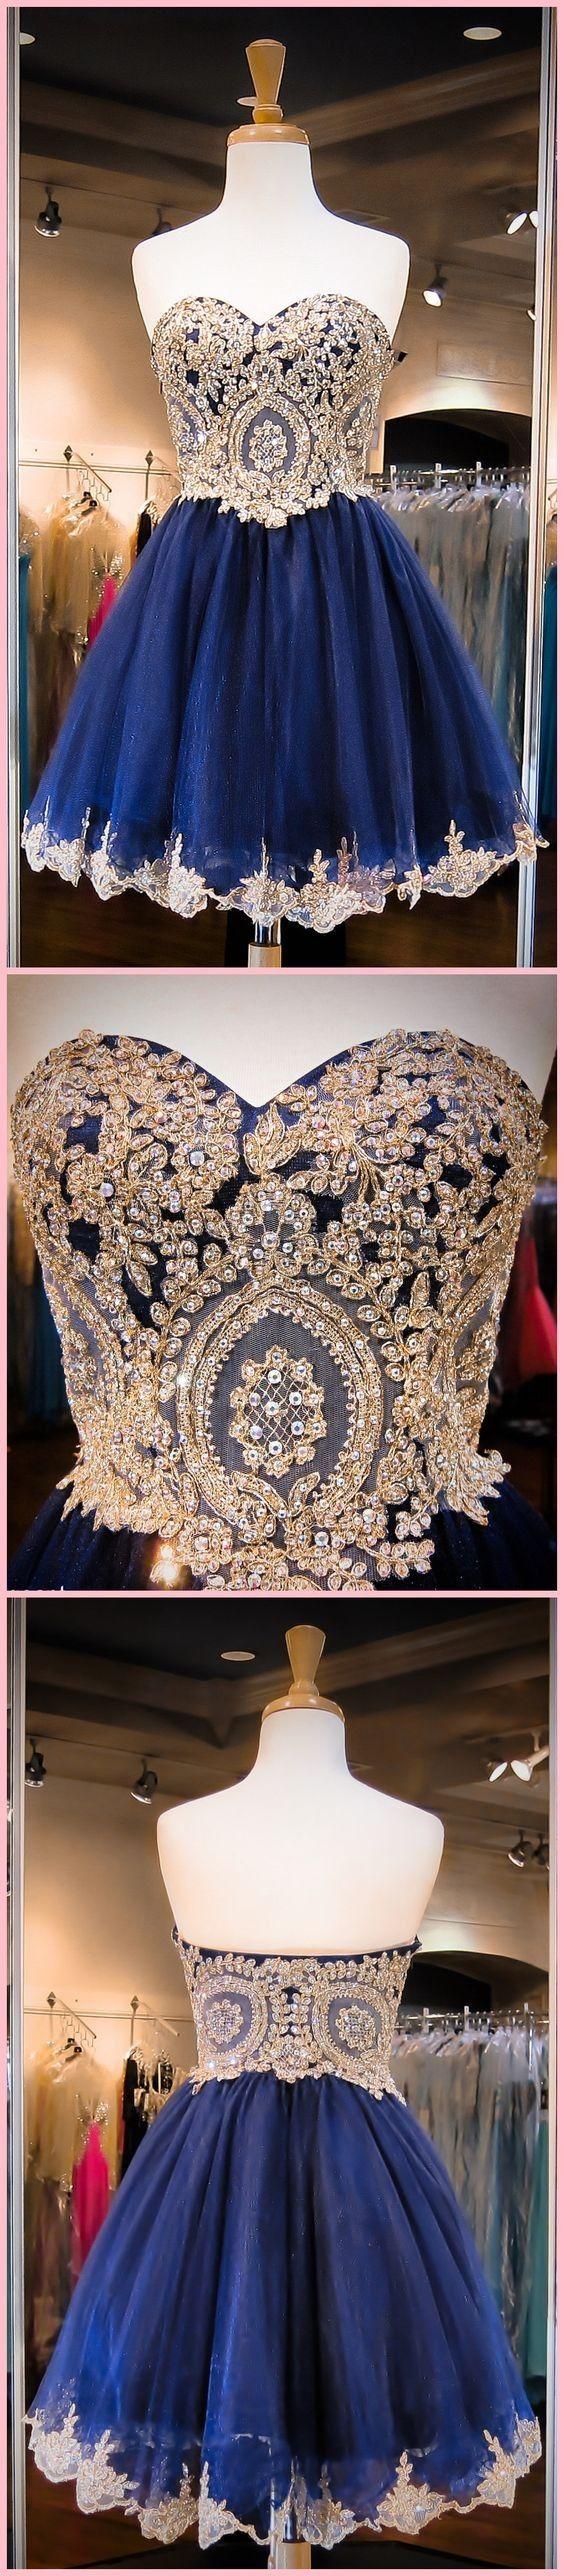 Elegant A Line Short Beading Prom Dress Backless for Girls